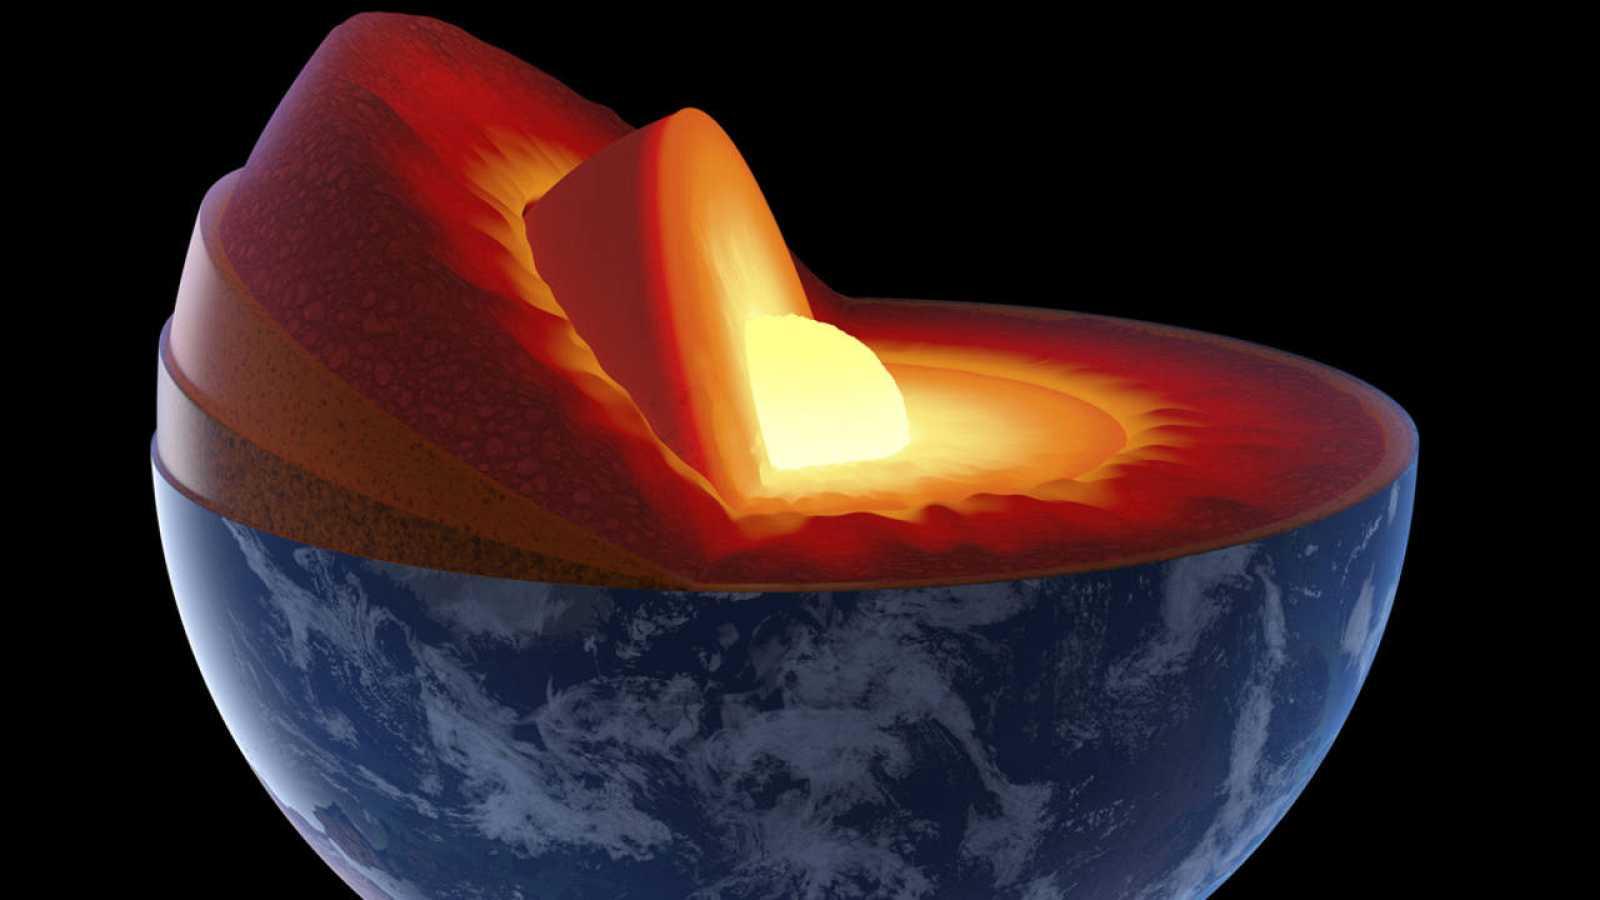 La capa más profunda de la Tierra es un bola de hierro sólido rodeada por un núcleo externo líquido.